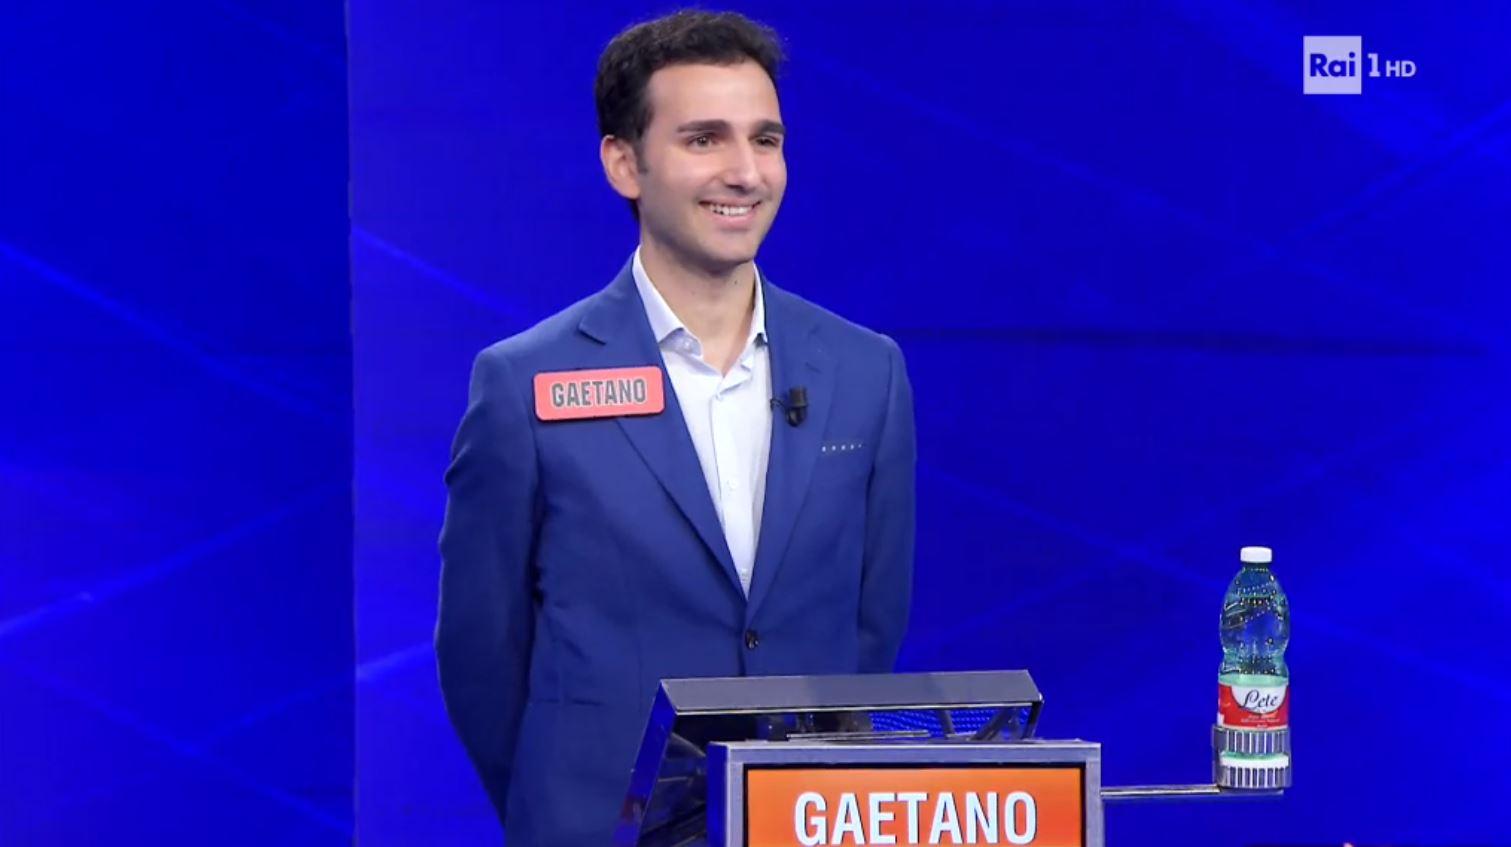 L'Eredità Gaetano campione Foggia